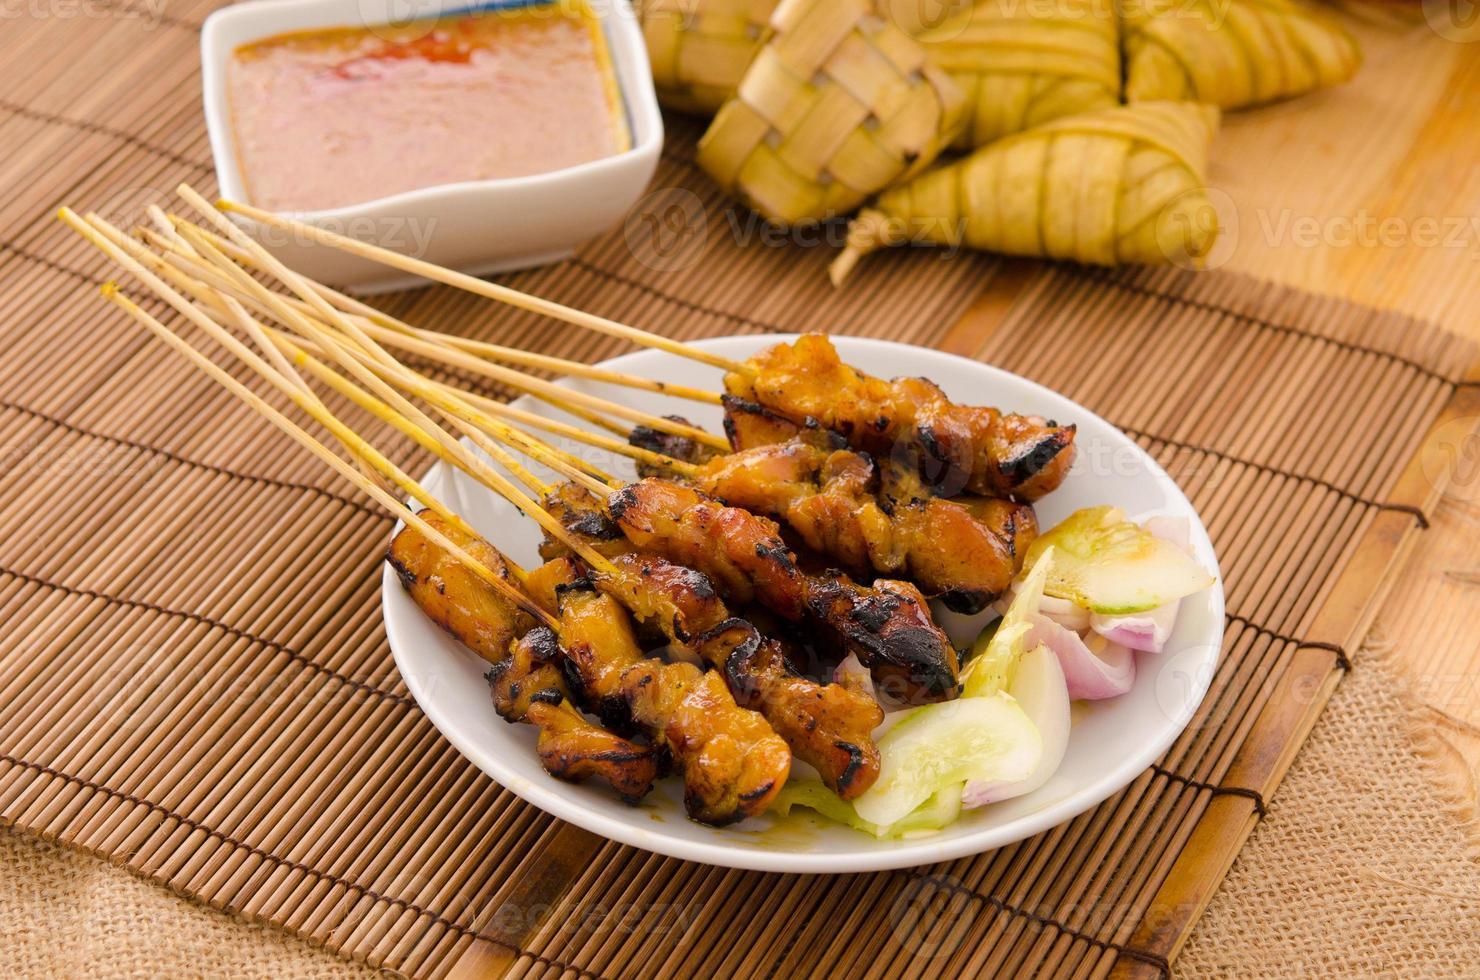 satay, spiedini di carne di kebab arrosto tradizionali foto